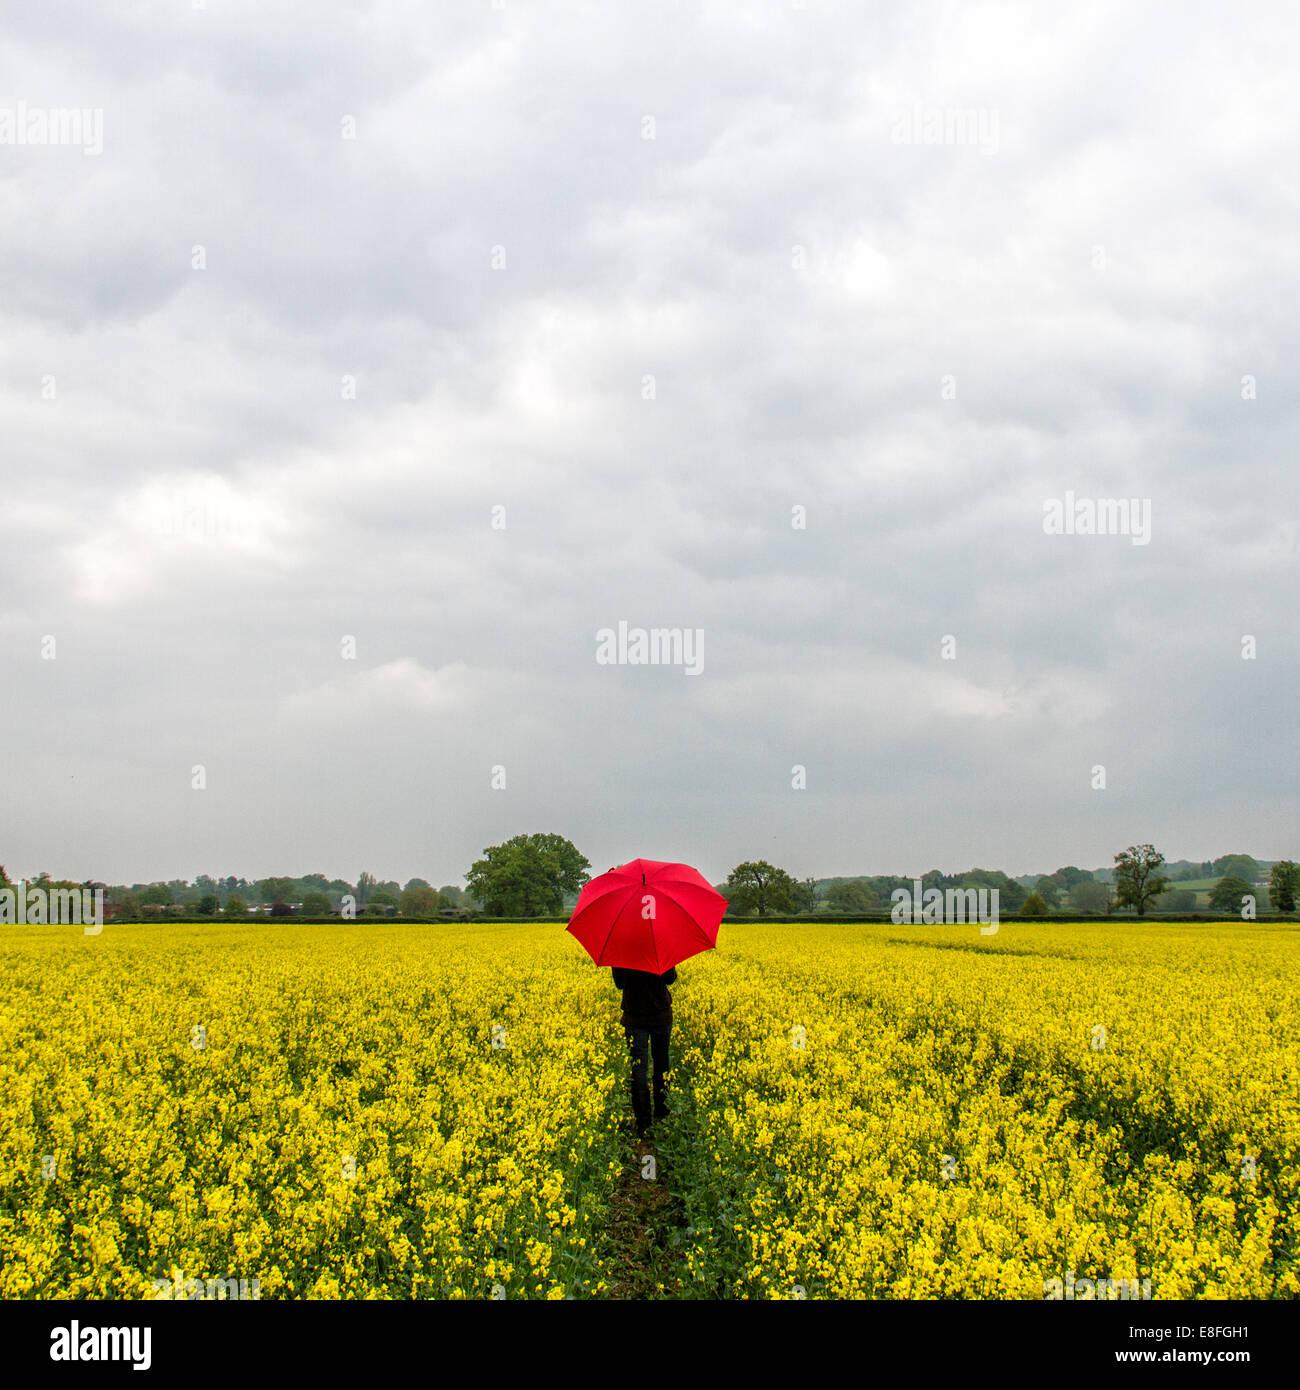 Frau mit roten Regenschirm in der Mitte des Feldes Stockbild